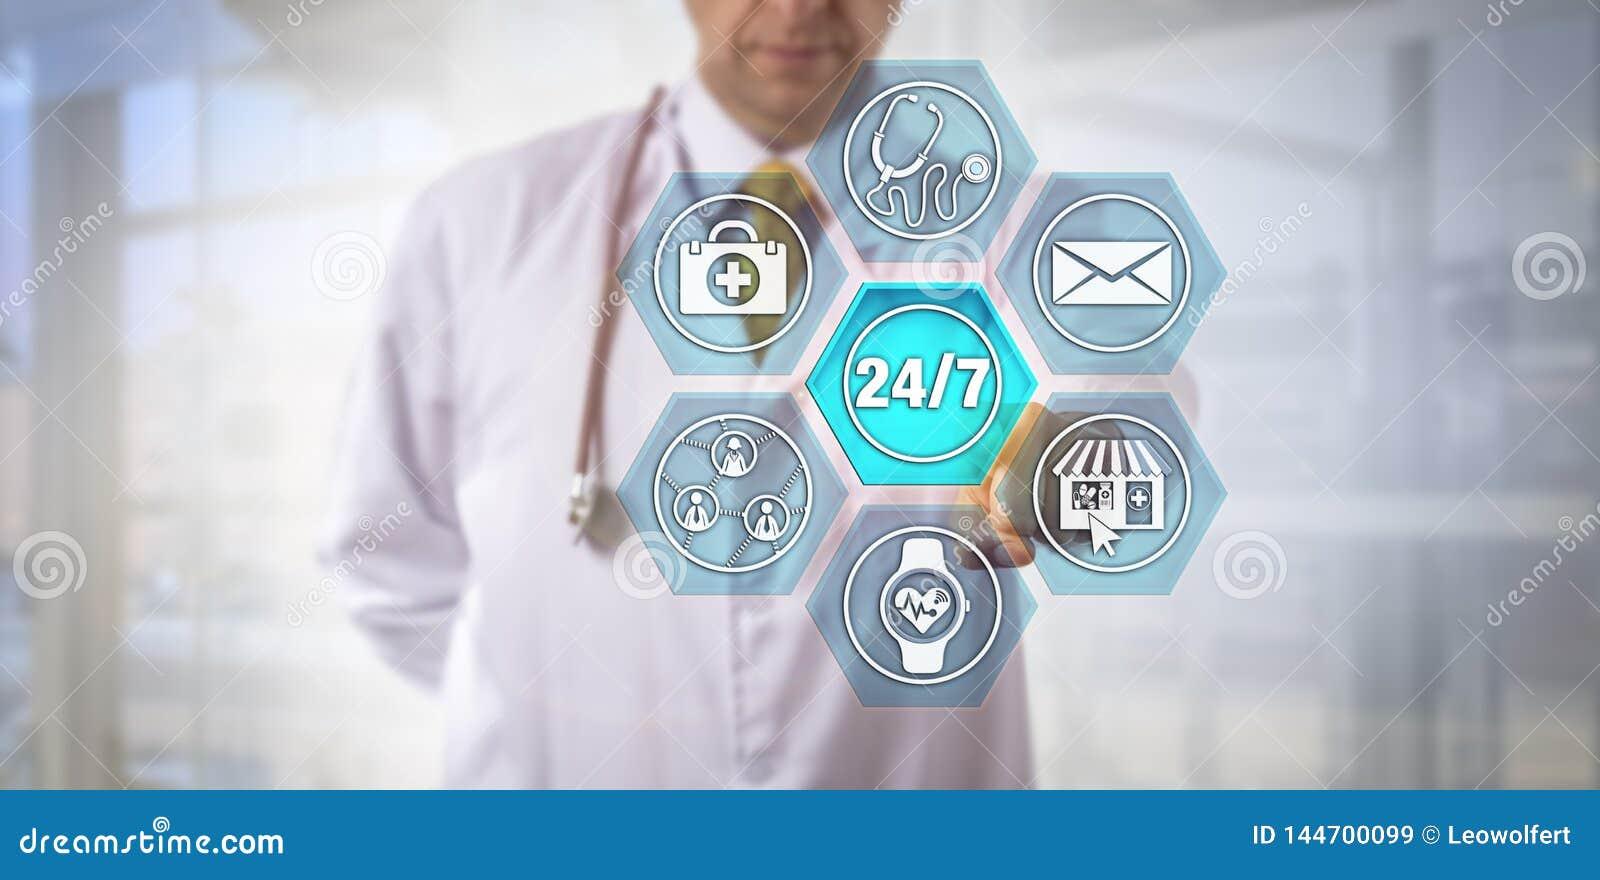 Интернет-сообразительный врач активируя 24/7 обслуживаний